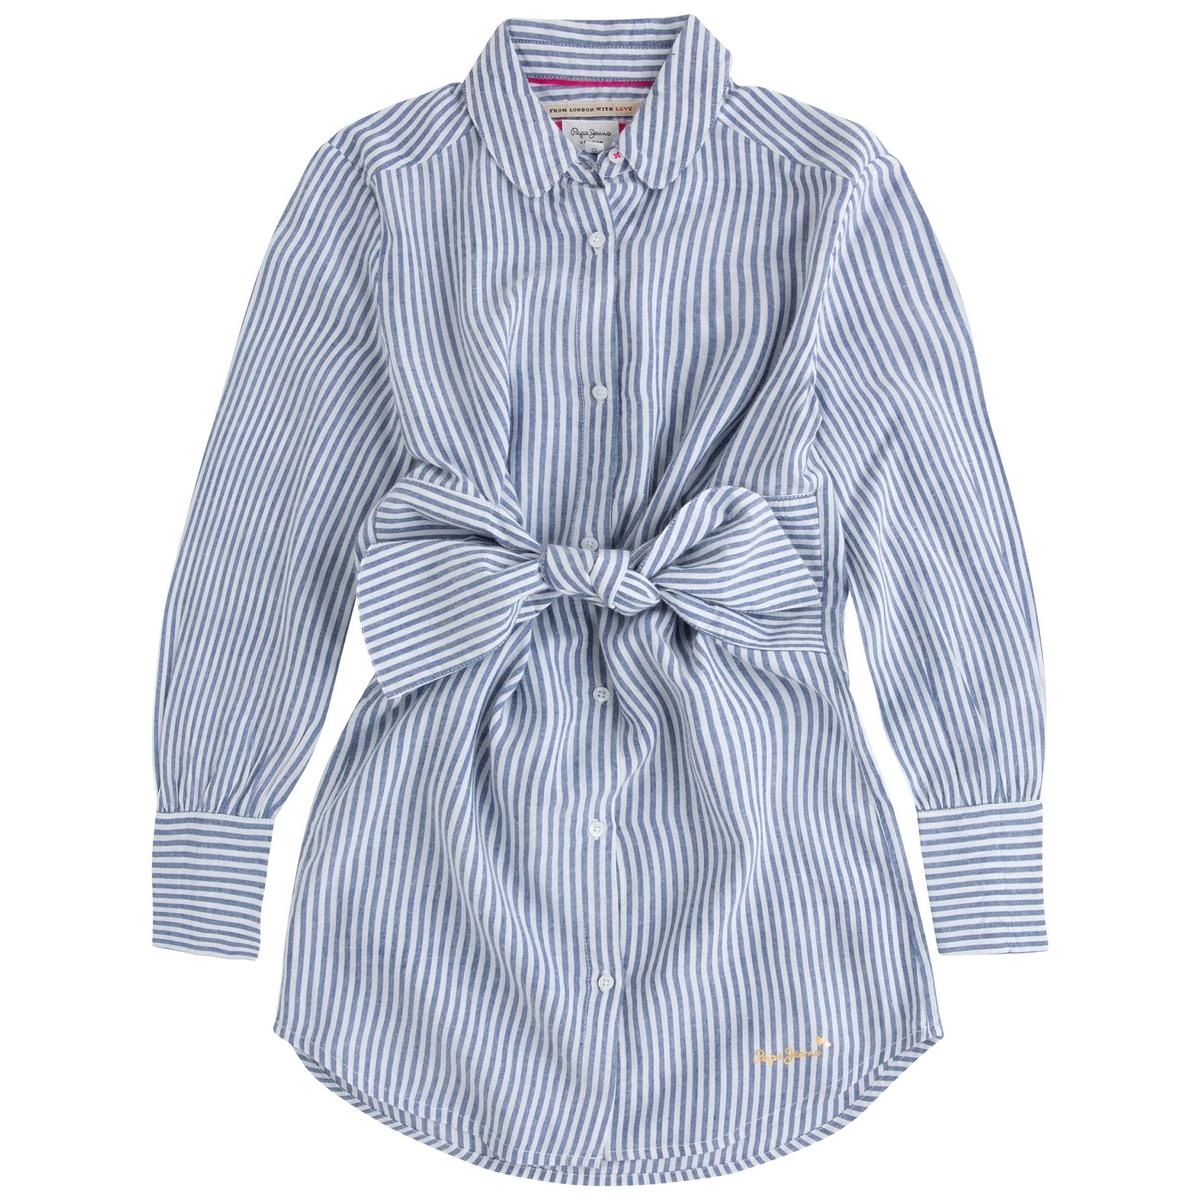 Платье-рубашка, 8-16 летОписаниеДетали •  Форма : прямая •  Длина миди, 3/4 •  Длинные рукава    •  Воротник-поло, рубашечный •  Рисунок в полоскуСостав и уход •  100% вискоза •  Следуйте советам по уходу, указанным на этикетке   •  Платье-рубашка с вшитым поясом и завязками •  Широкие манжеты в полоску контрастного цвета •  Отложной воротник •  Застежка на пуговицы спереди •  Широкий покрой<br><br>Цвет: синяя полоска